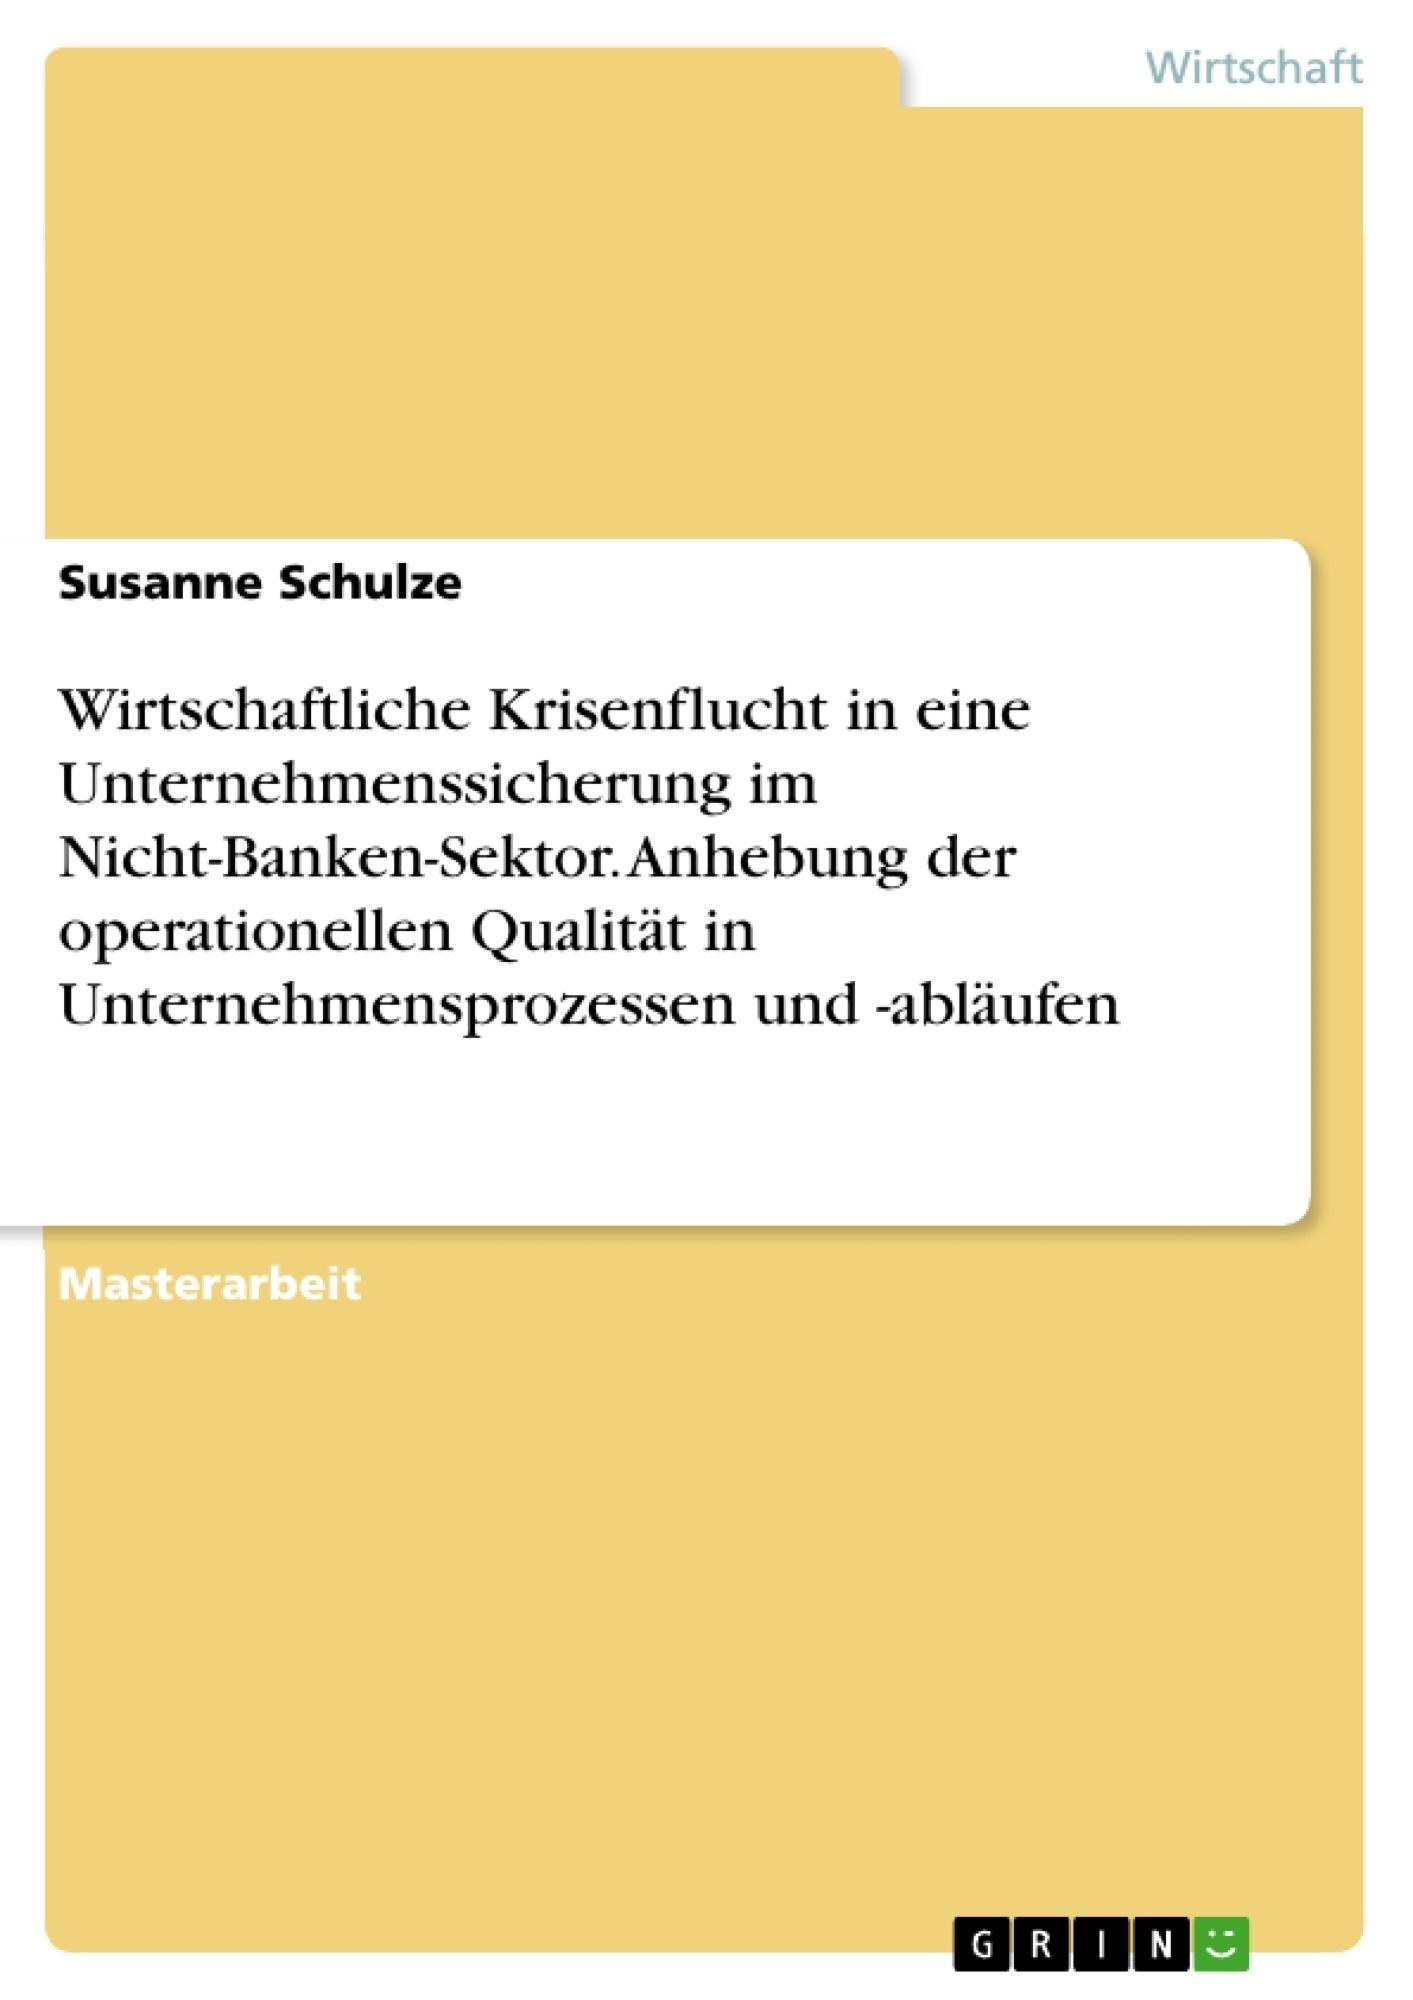 Titel: Wirtschaftliche Krisenflucht in eine Unternehmenssicherung im Nicht-Banken-Sektor. Anhebung der operationellen Qualität in Unternehmensprozessen und -abläufen